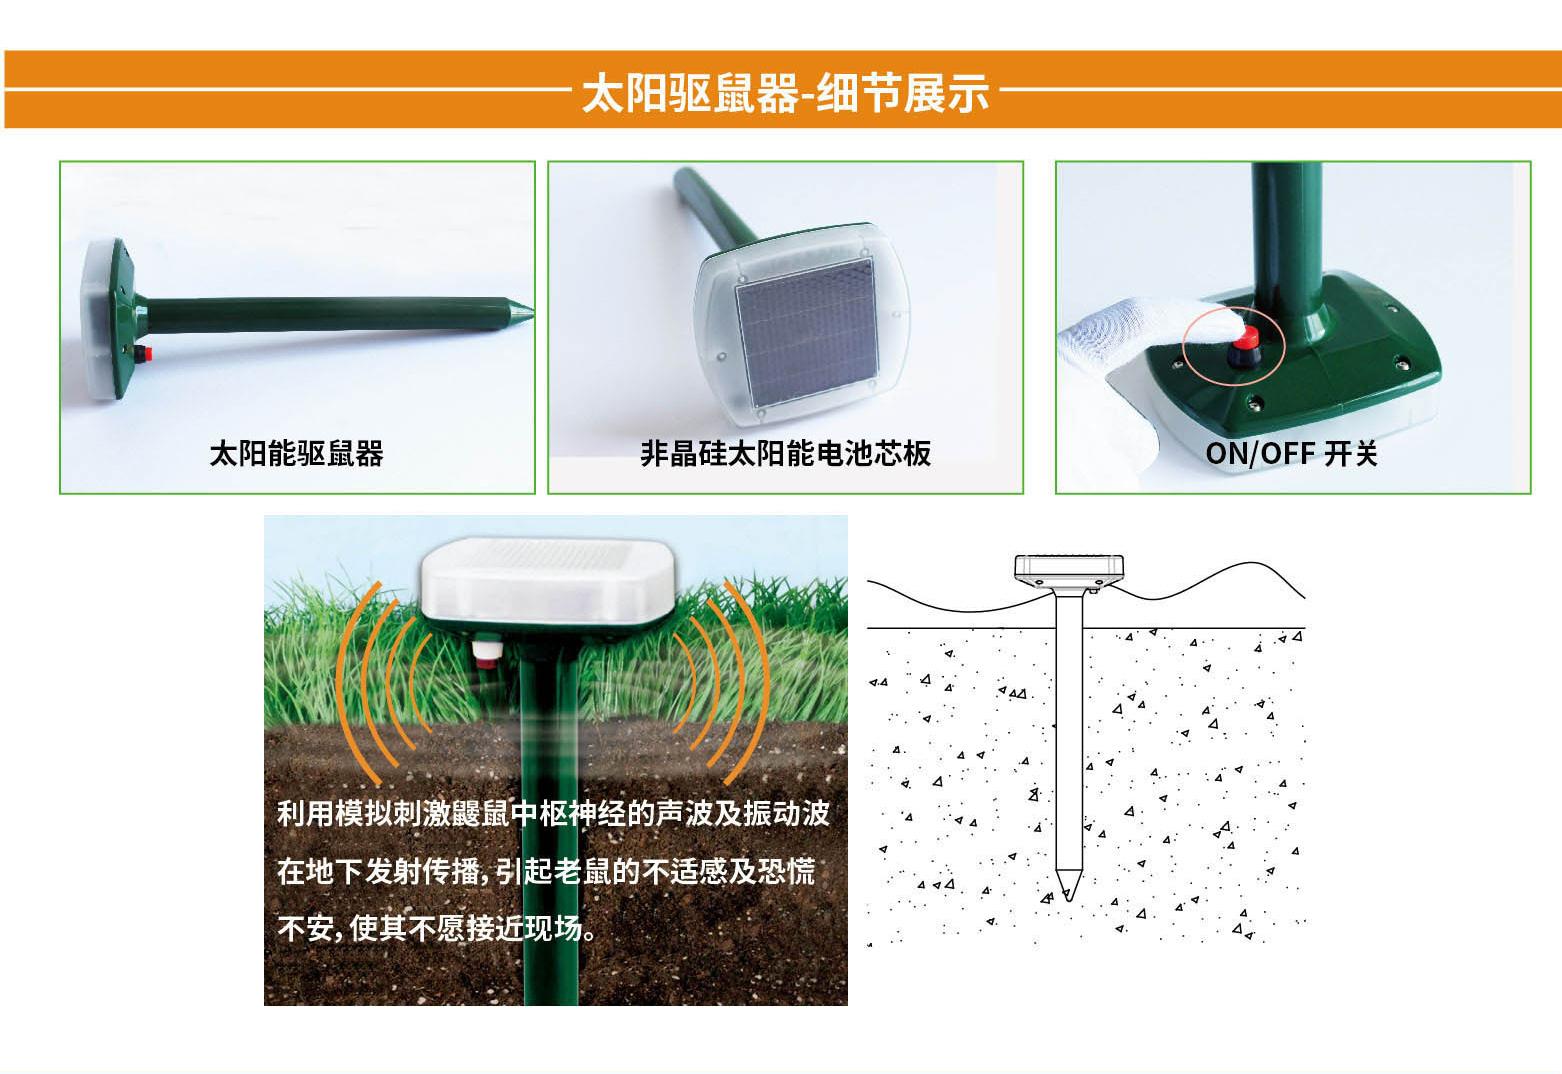 太阳能驱鼠器-965e393d-f17e-40c2-afec-a30224c7d590